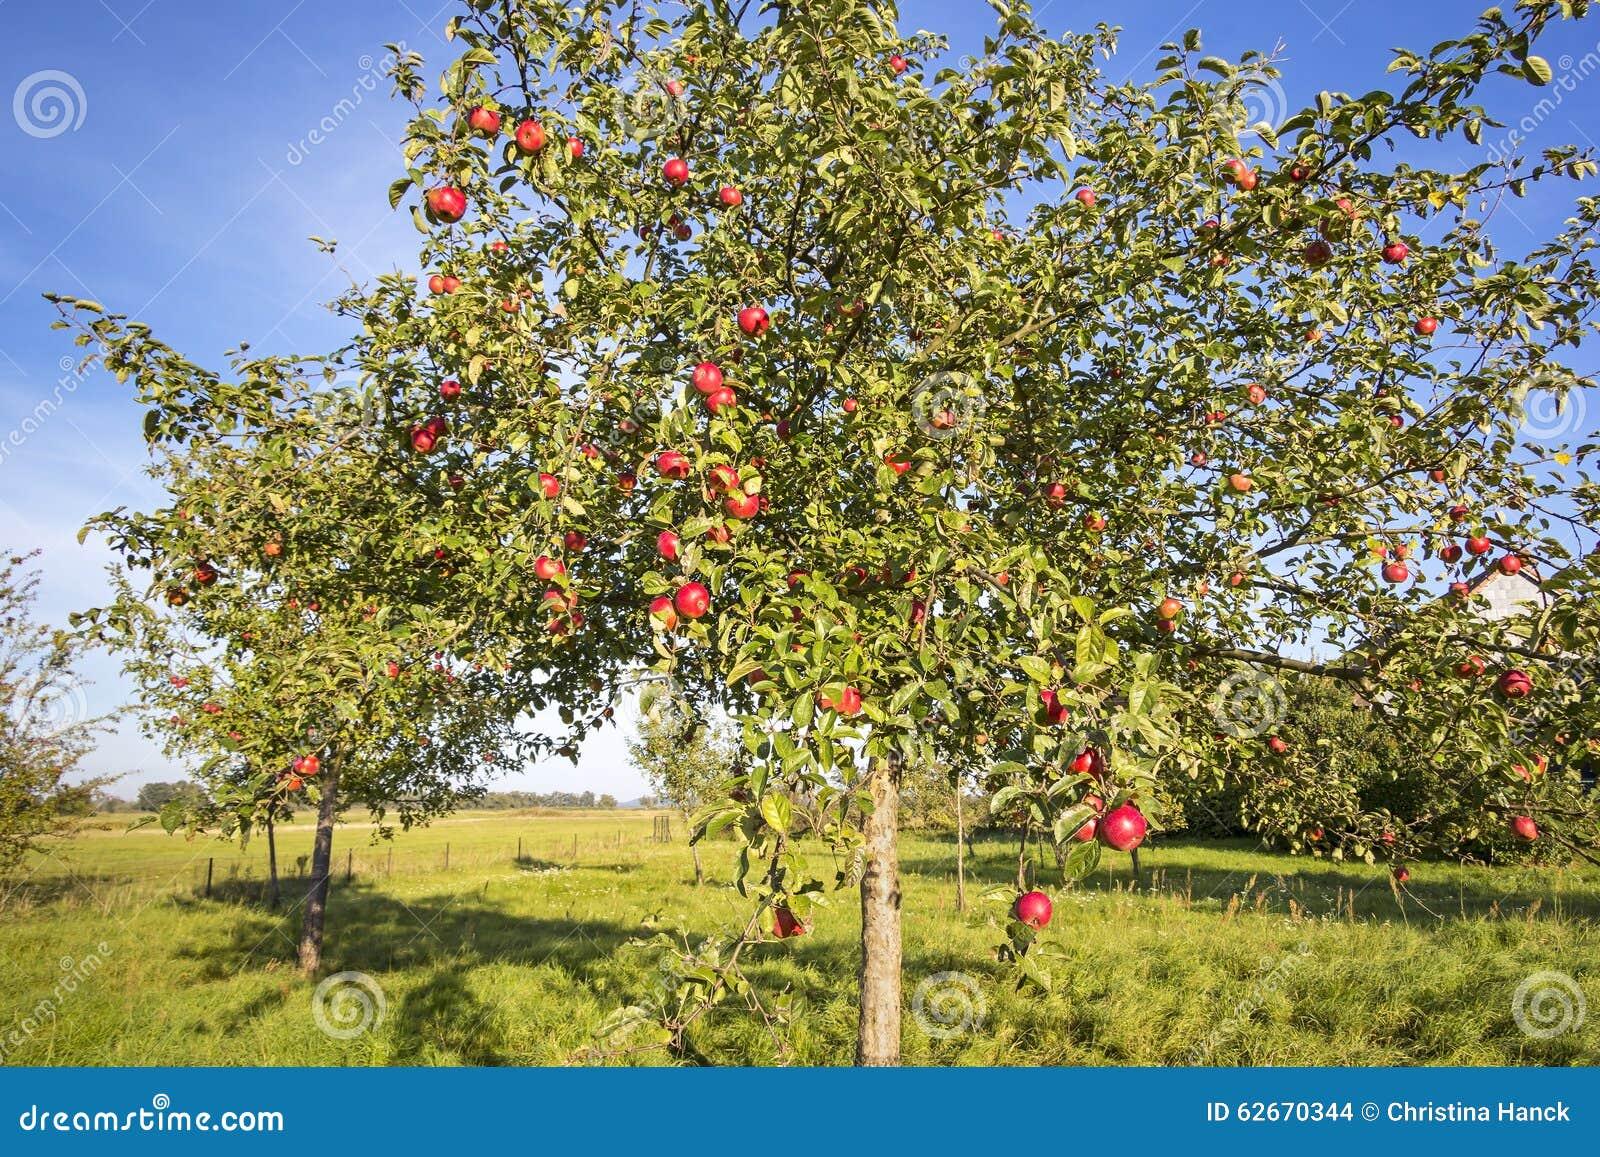 landschaft mit apfelbaum im herbst stockfoto bild von. Black Bedroom Furniture Sets. Home Design Ideas